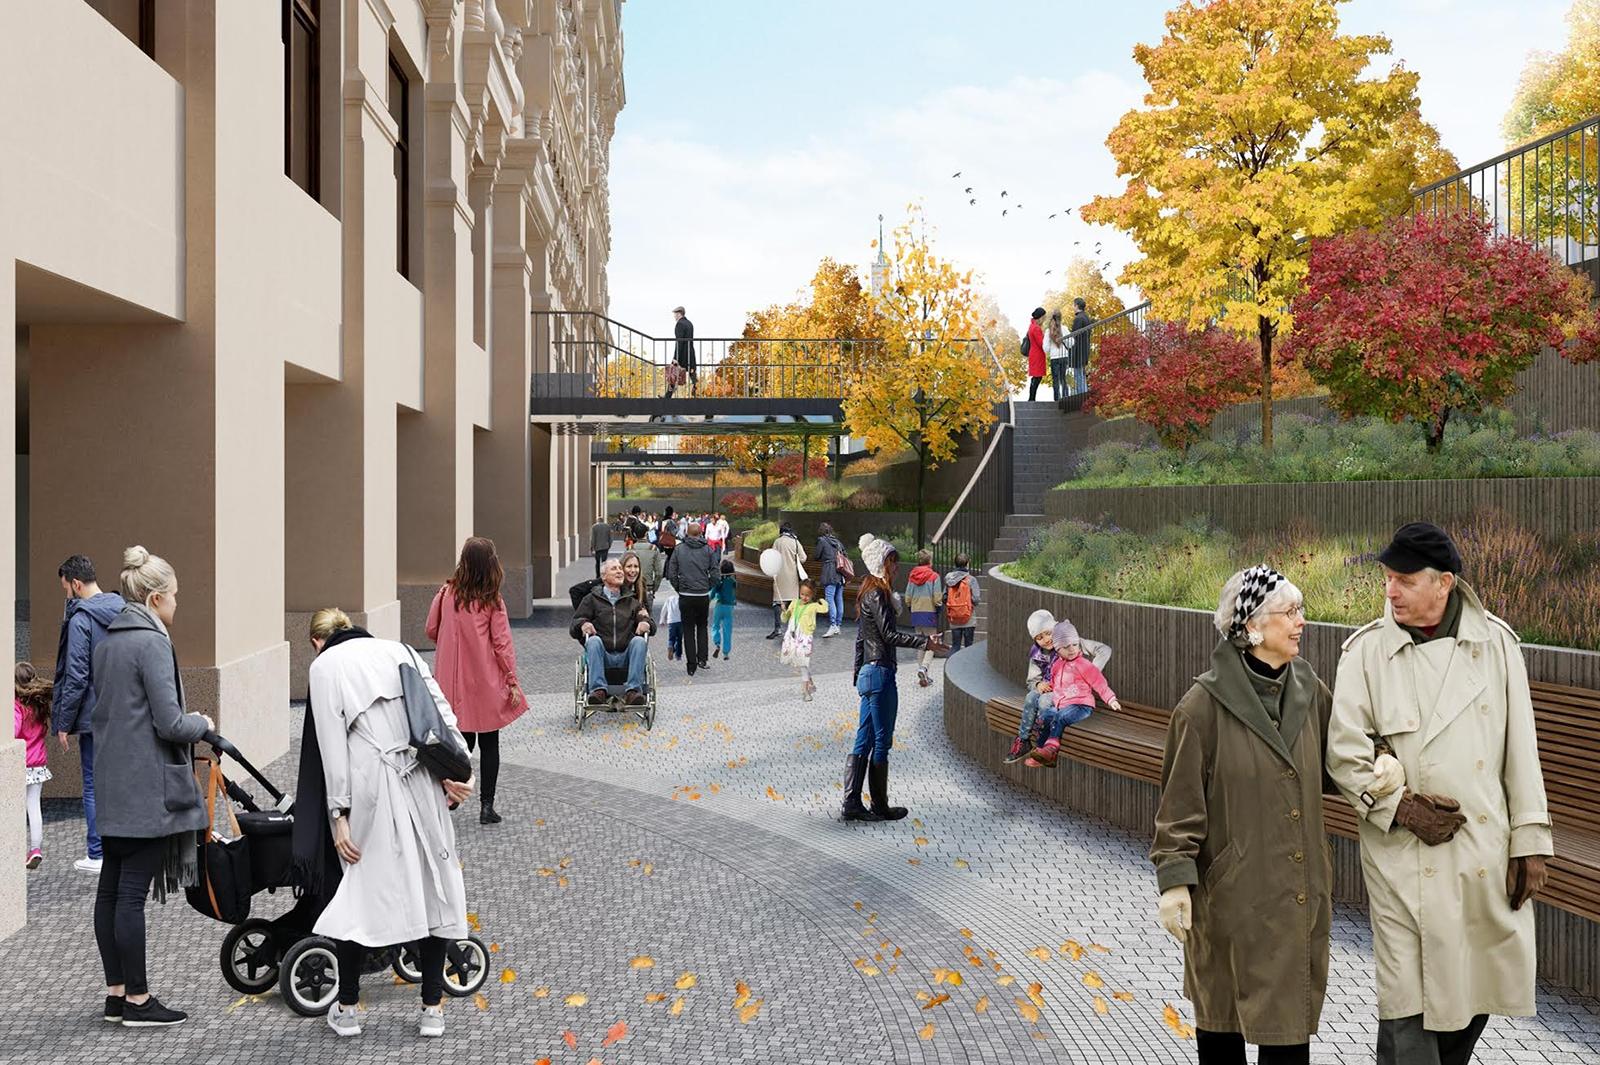 Дизайн парка с амфитеатром и пешеходной зоной разработало архбюро Wowhaus